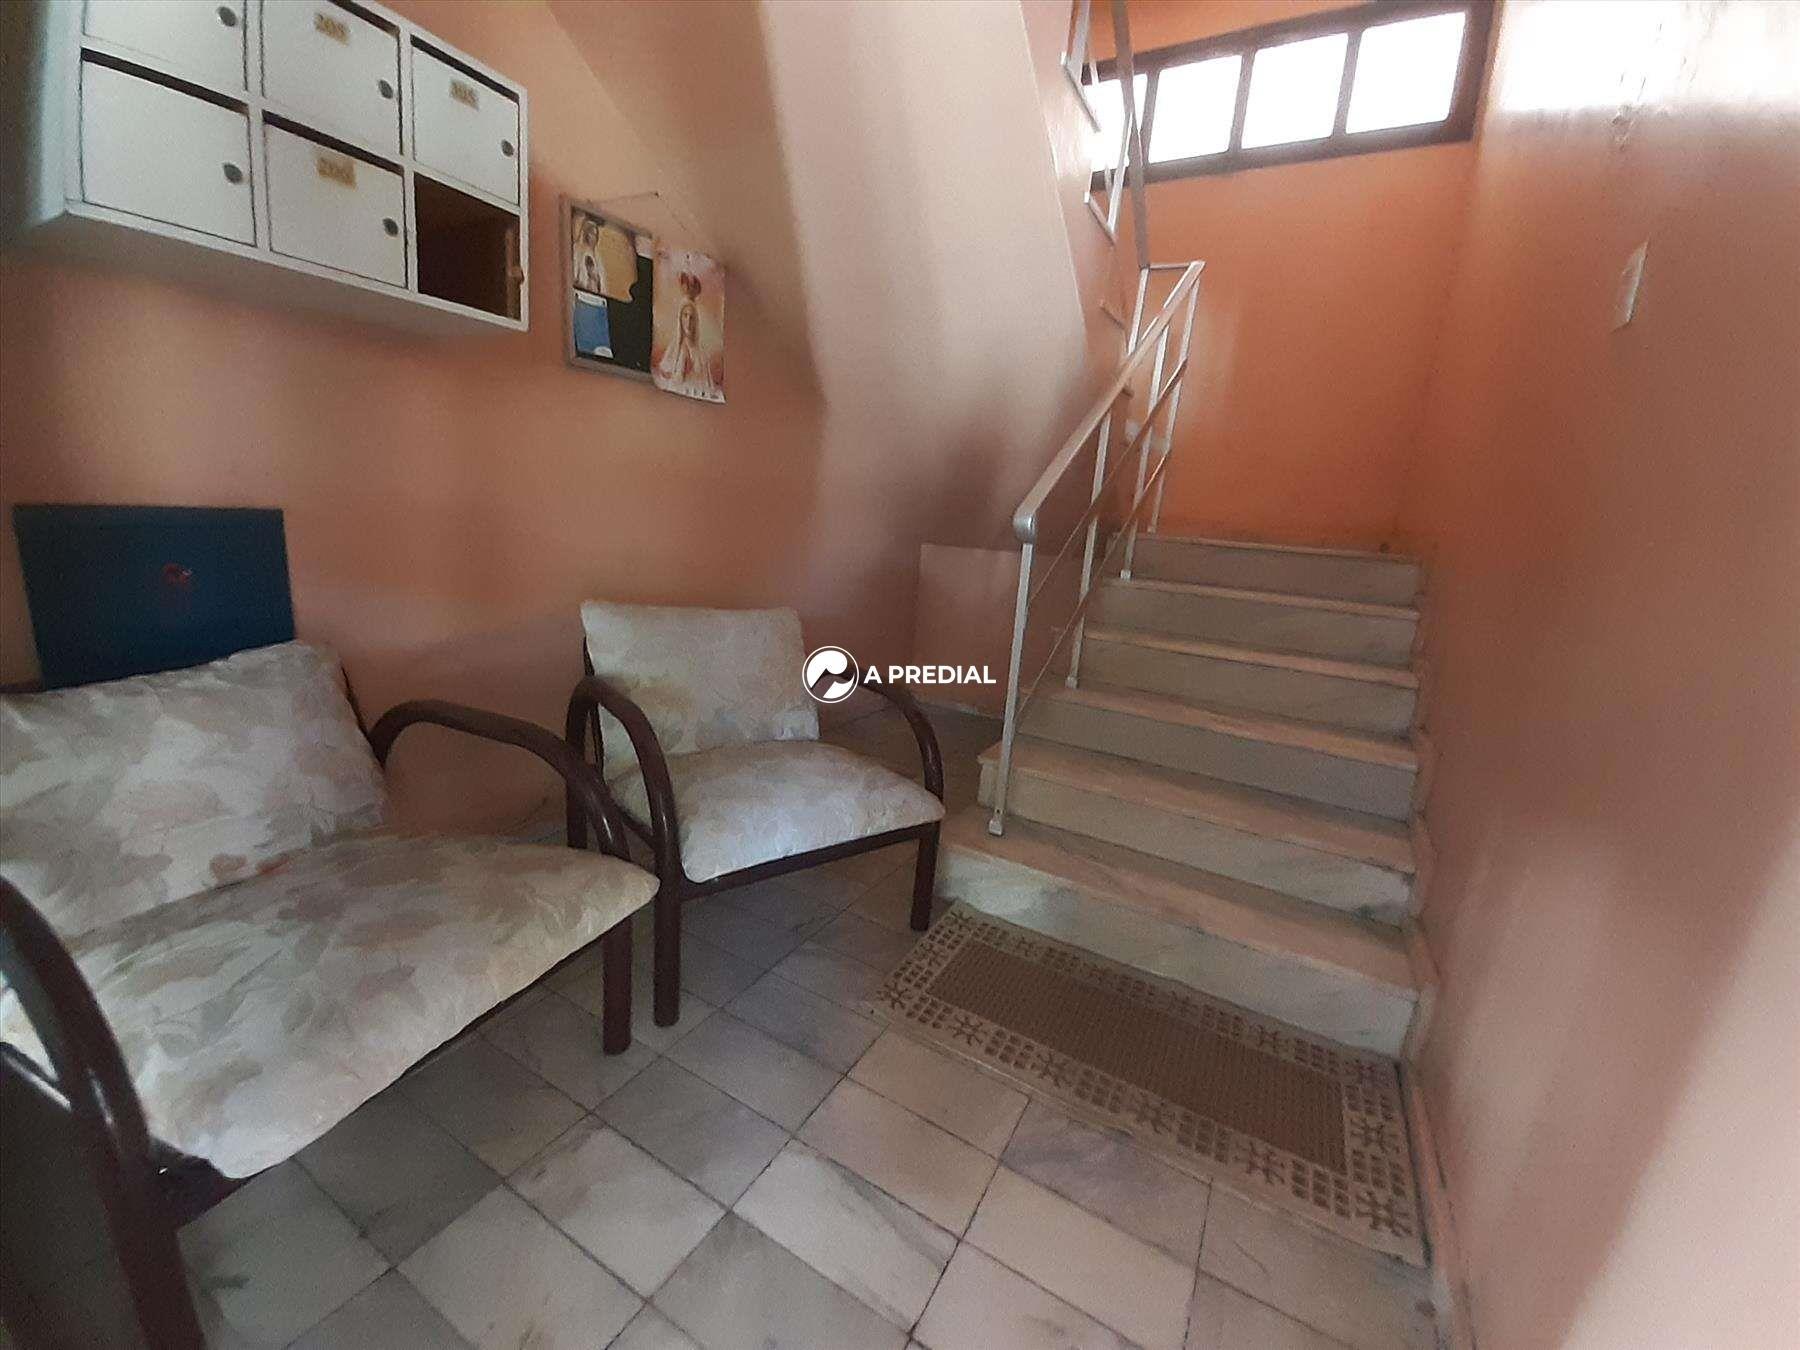 Apartamento à venda no Joaquim Távora: 2f5f386b-4-20200804_153248.jpg